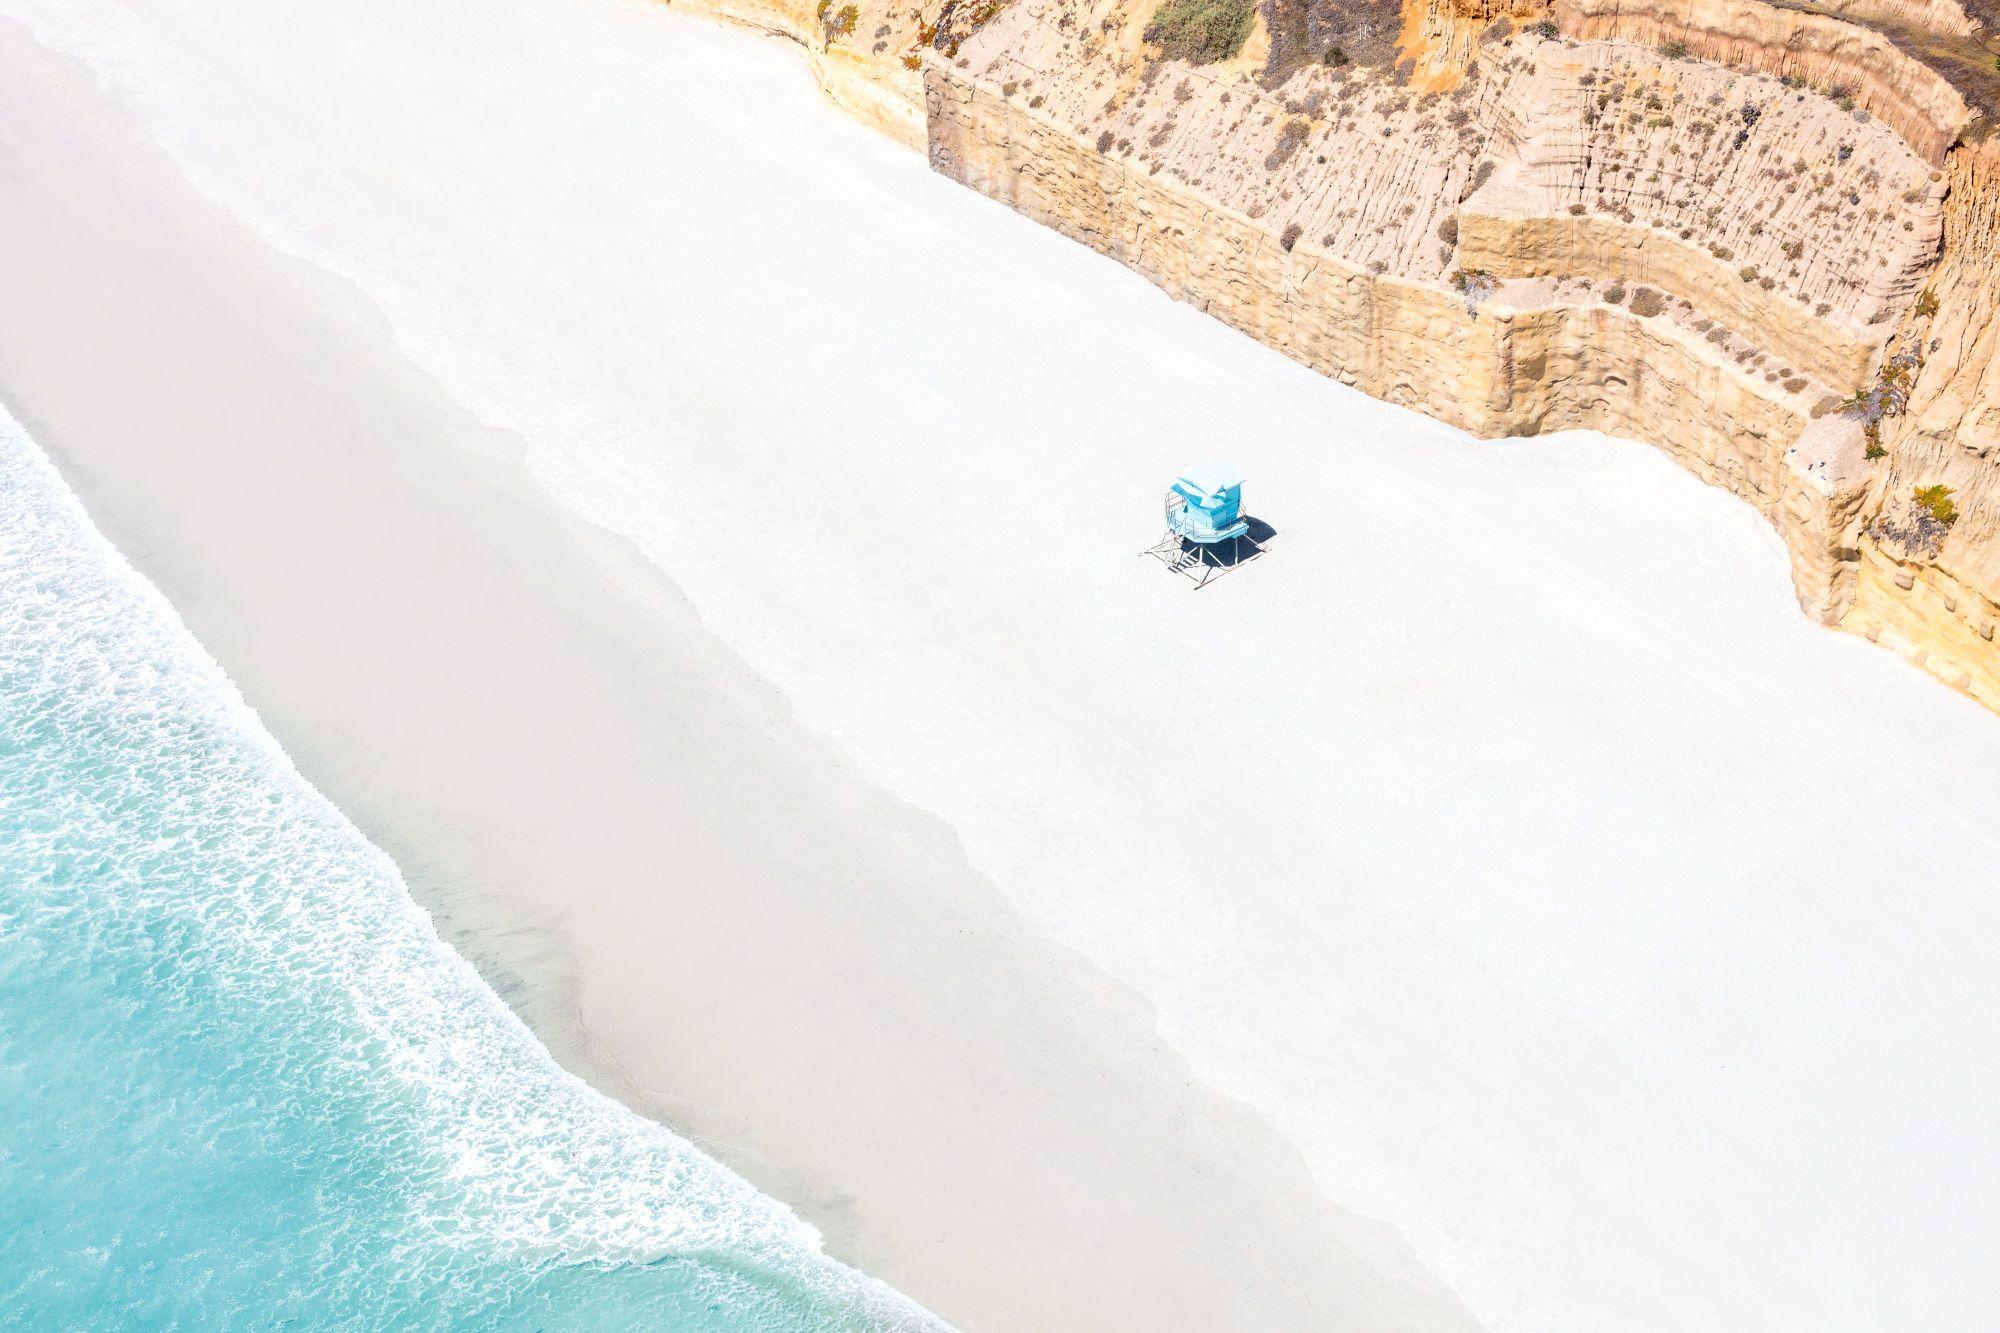 San Diego - Solana Beach travel tips